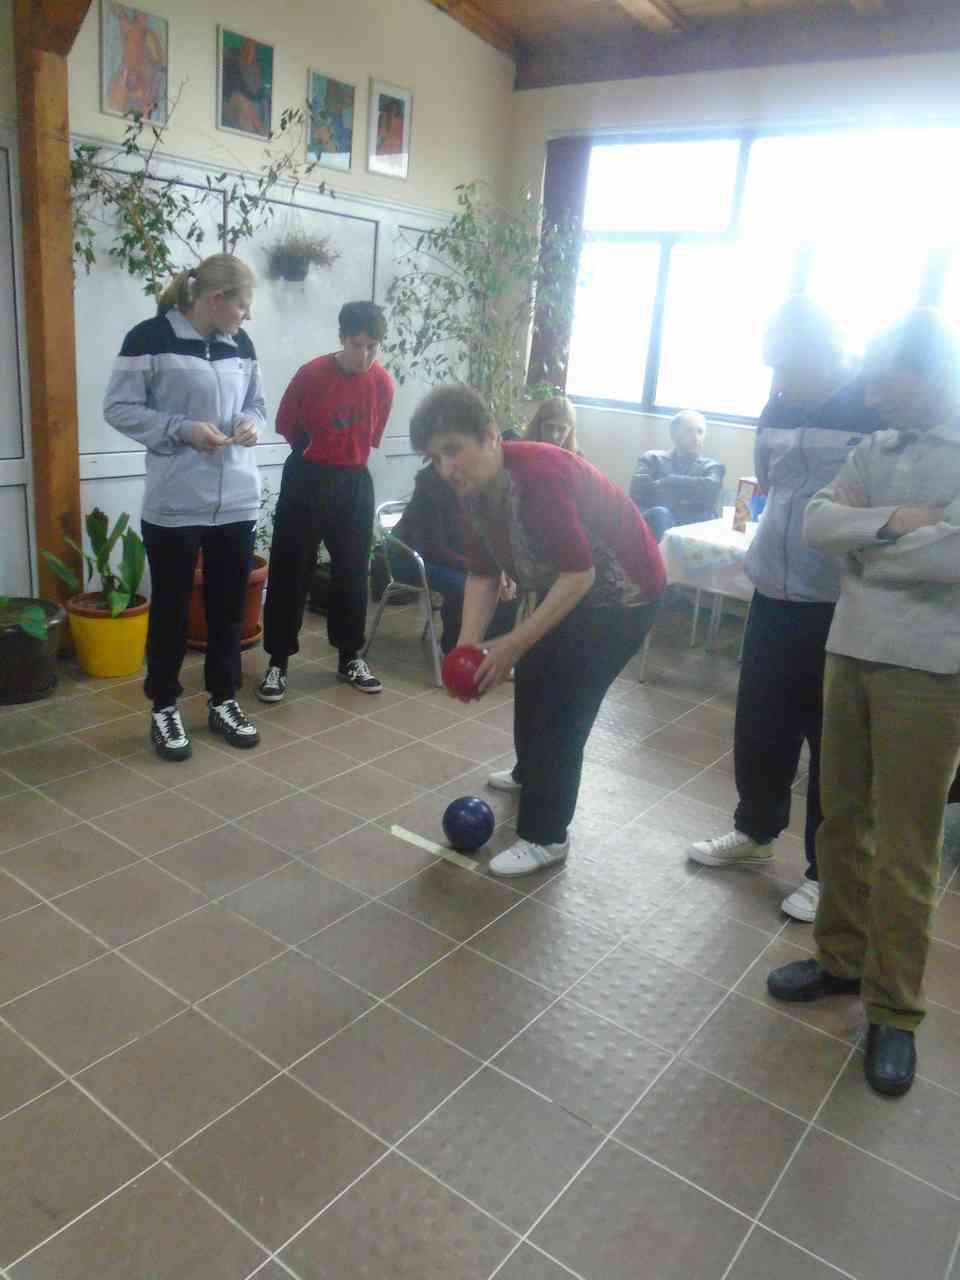 Спортски турнир под називом: И МИ ТО МОЖЕМО - 29.11.2016.г. - ГЦ Јагодина - слика 1